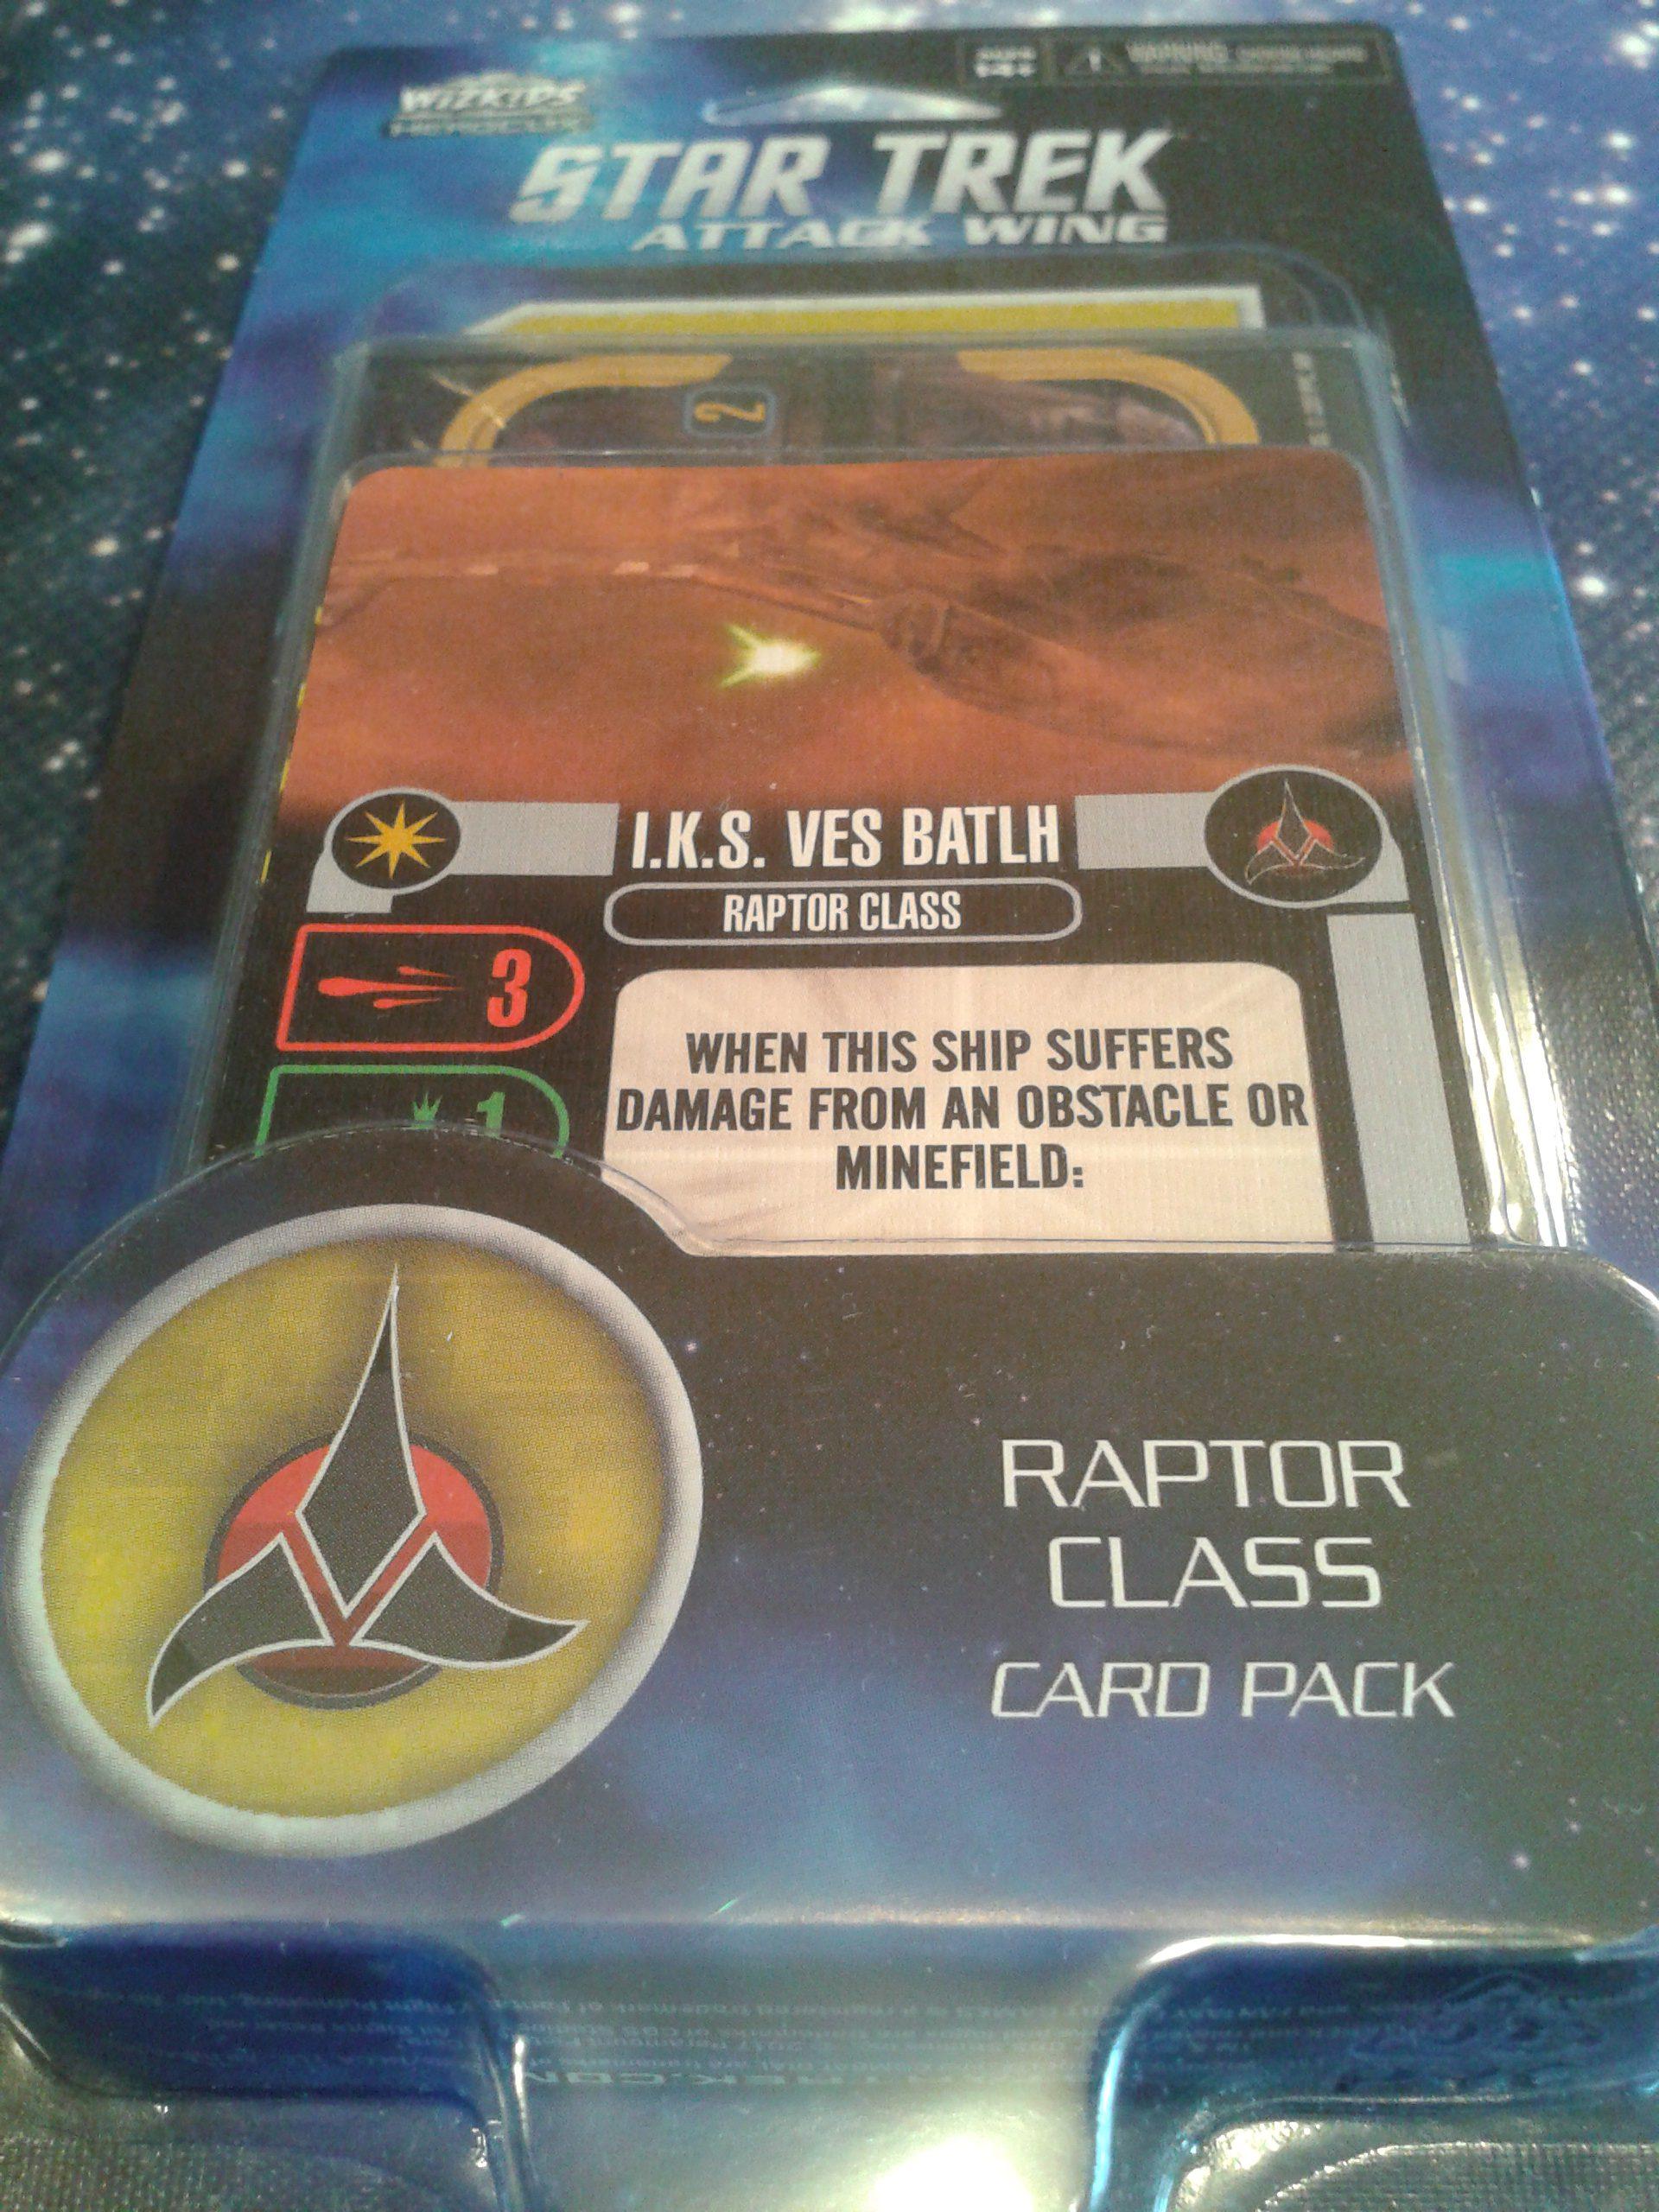 (Star Trek Attack Wing auf) Weiterspielen.net - Seite 33 20180228_142133-e1519841269133